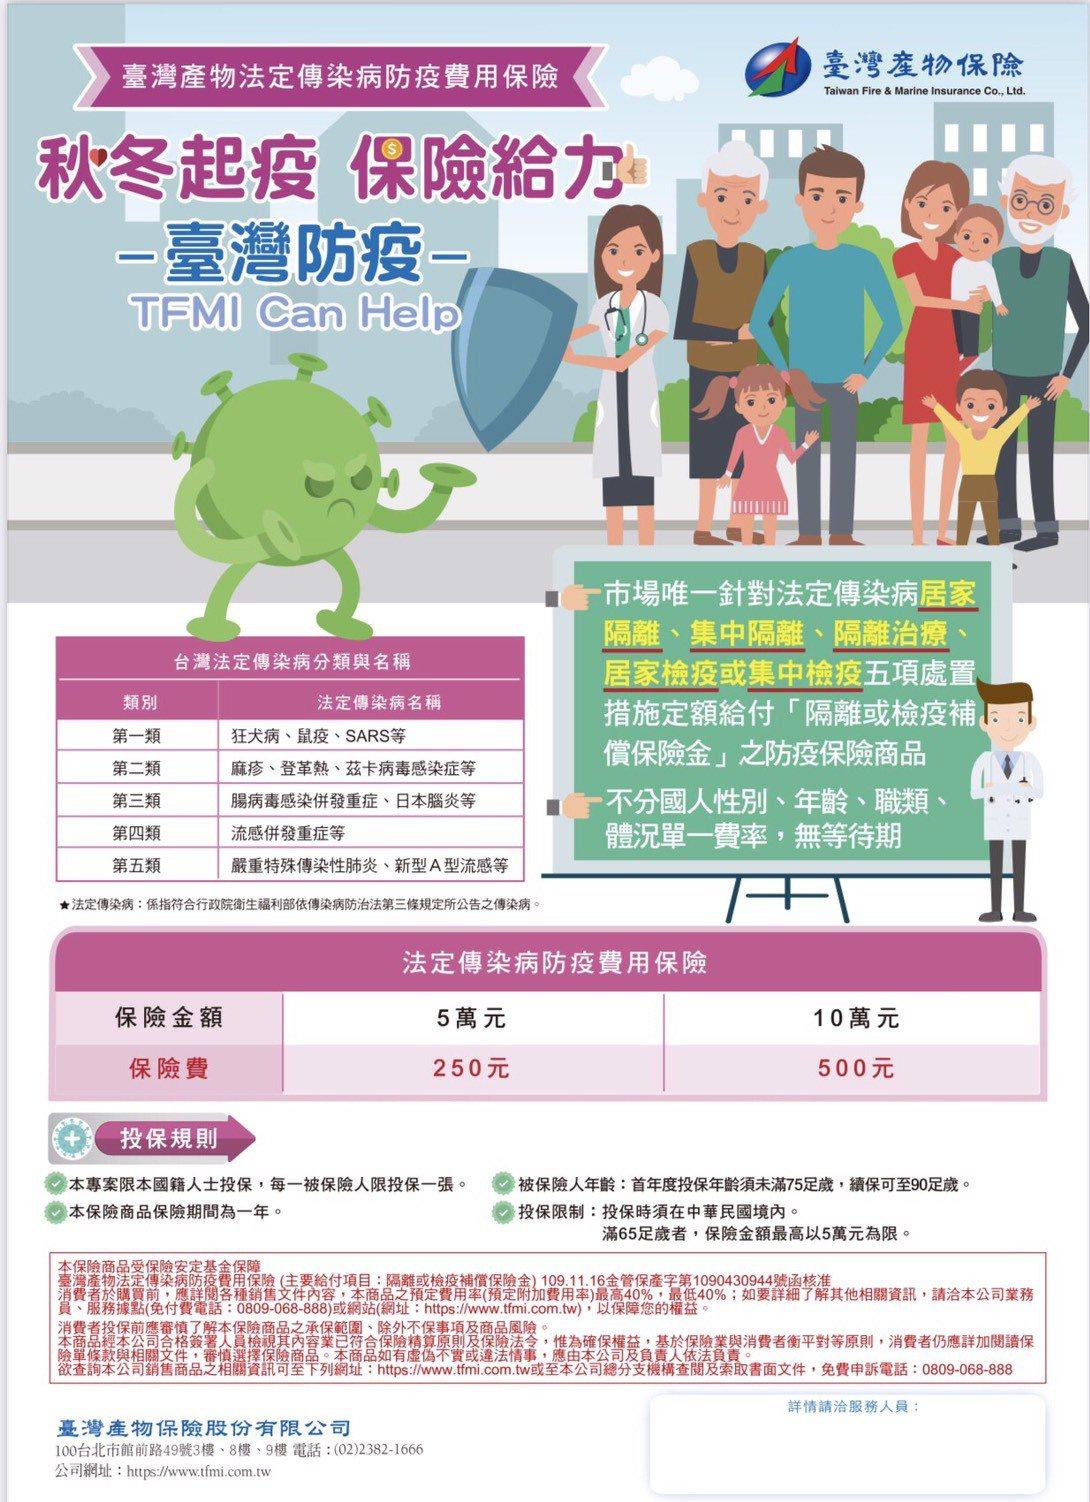 新冠肺炎疫情升溫,台產推出的防疫保單大熱賣。 圖/業者 提供